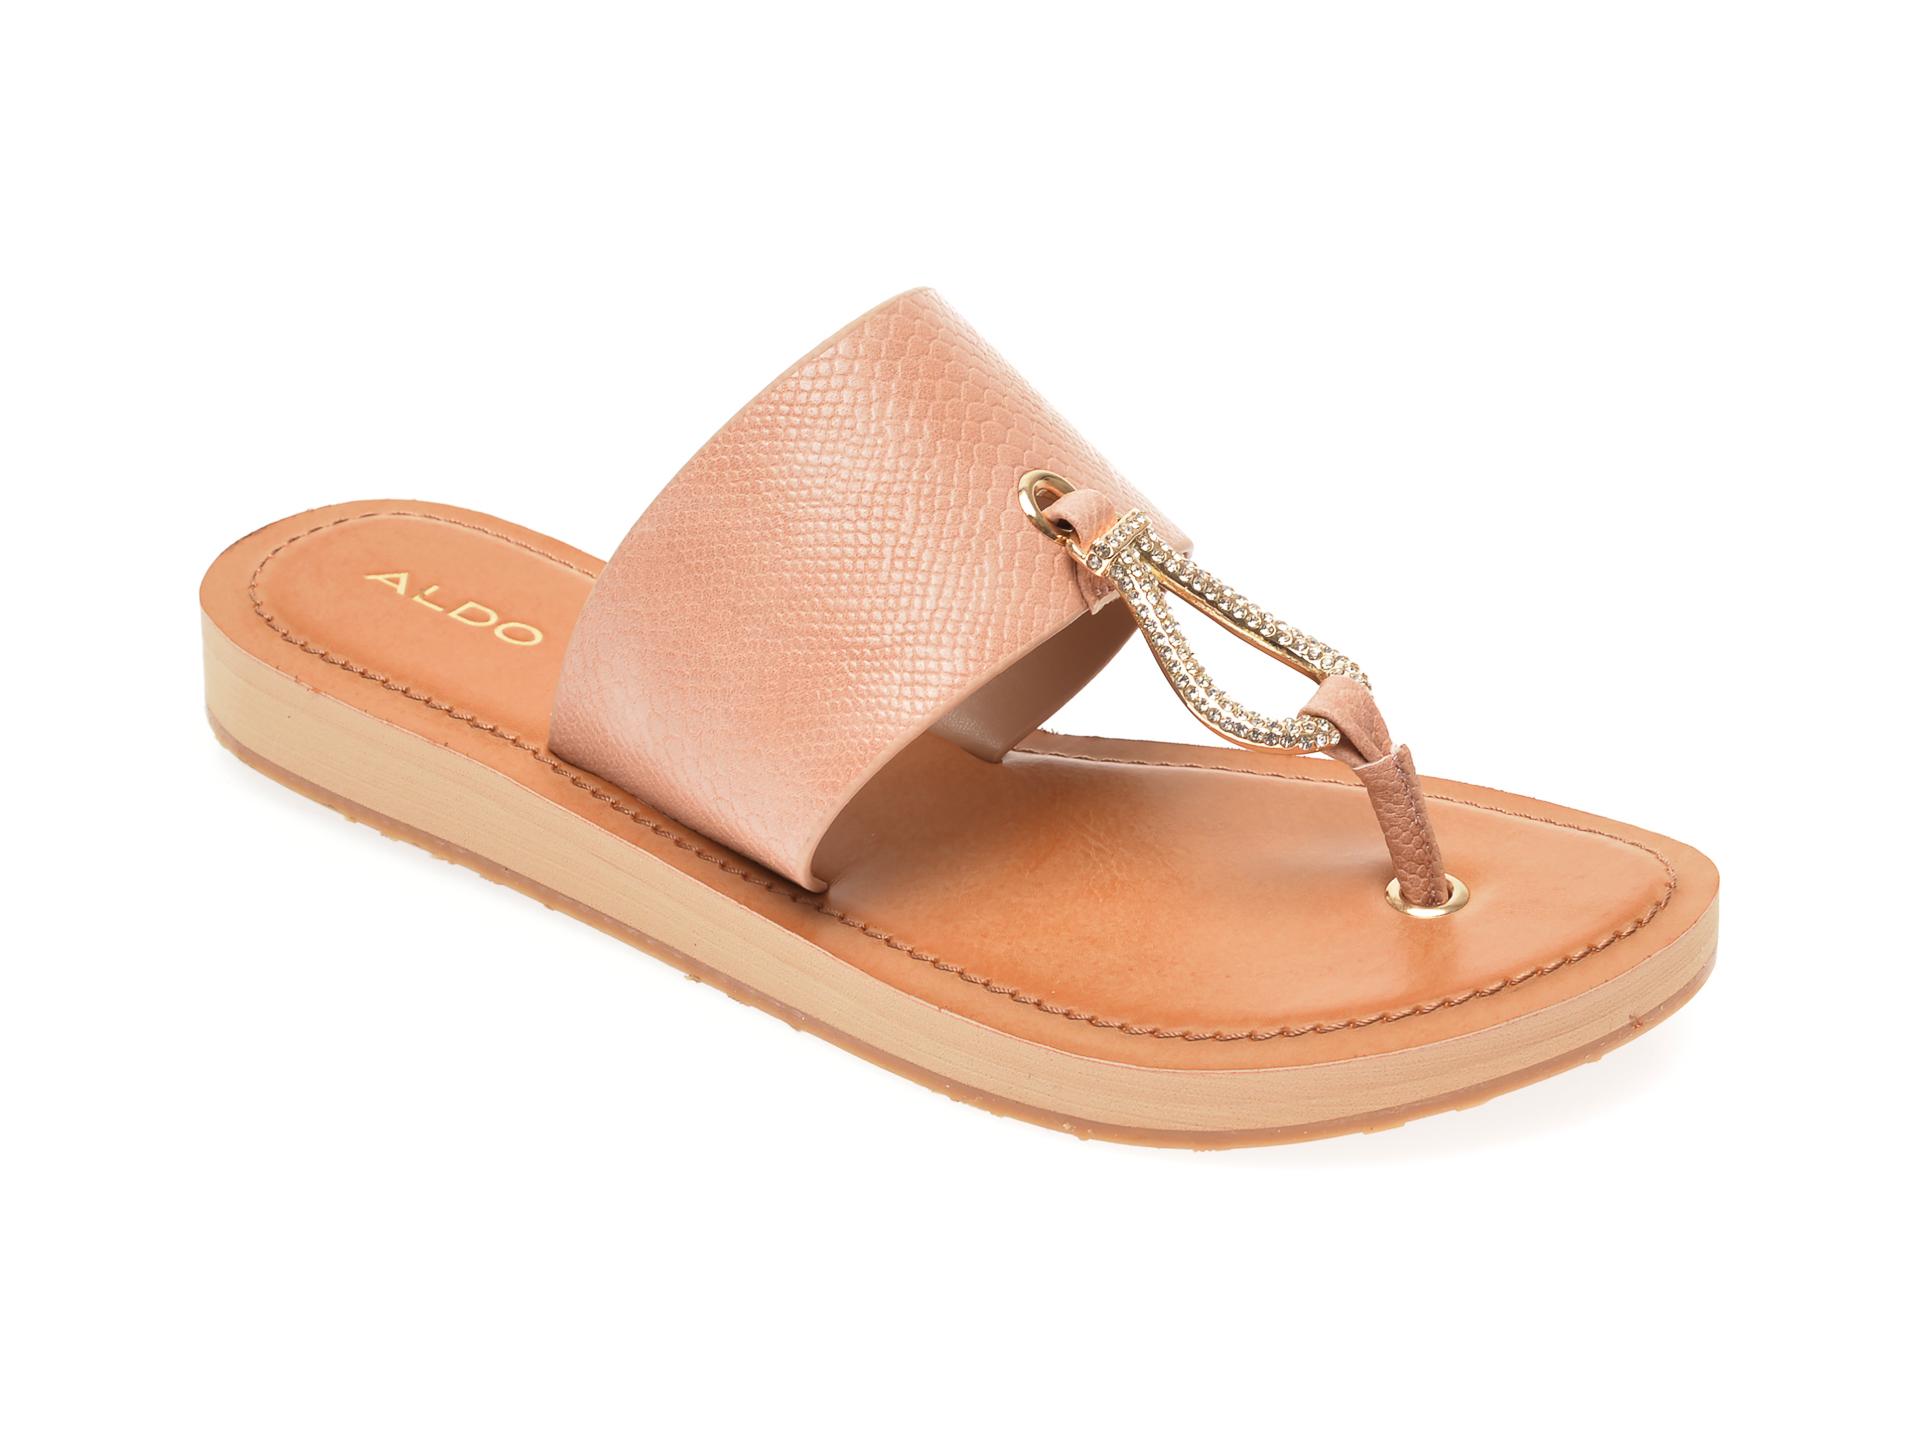 Papuci ALDO nude, Perry270, din piele ecologica